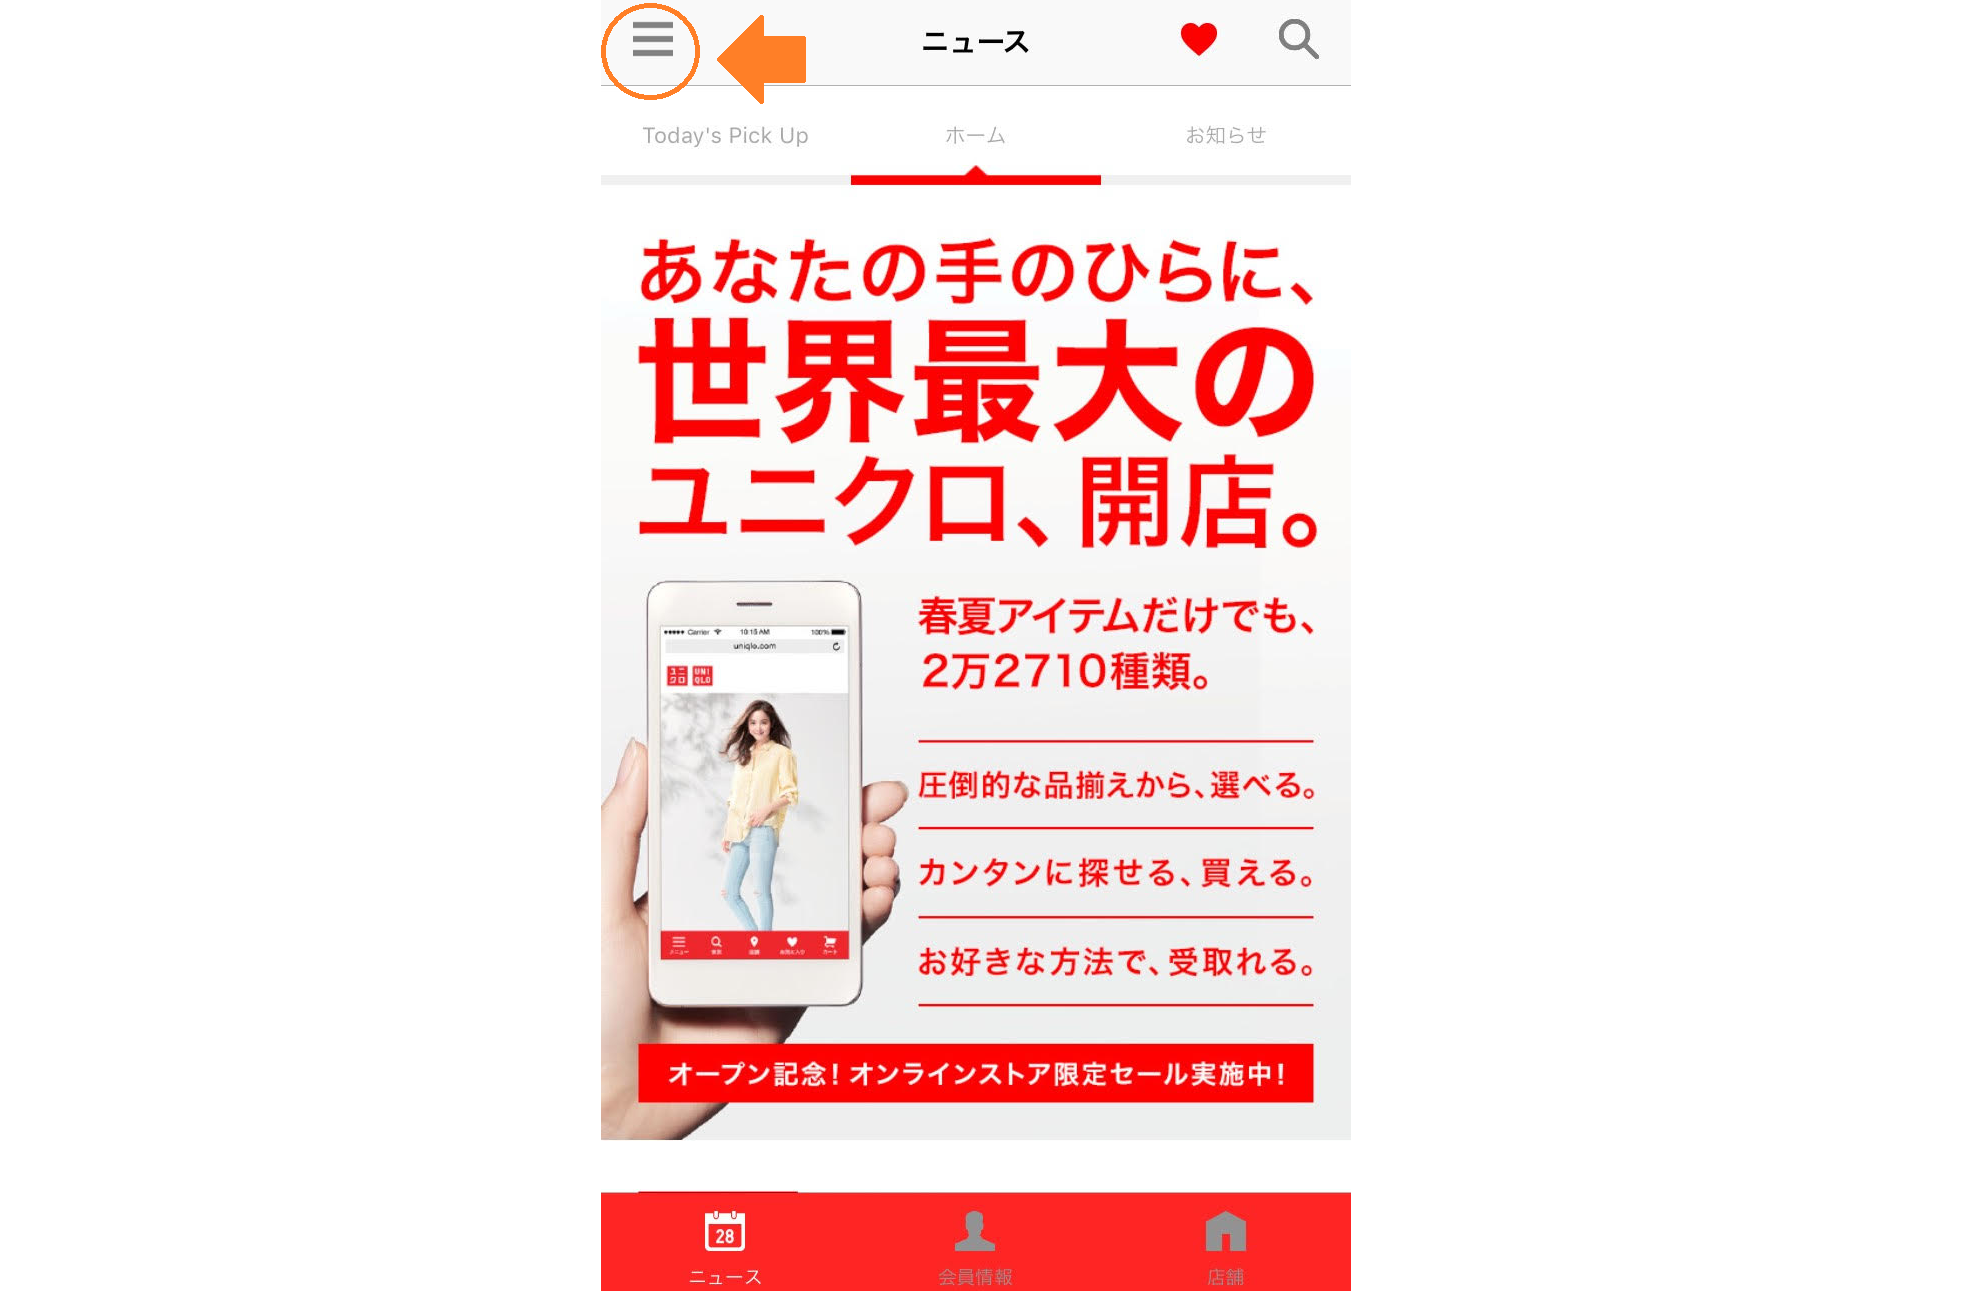 ユニクロアプリ 商品在庫 検索方法